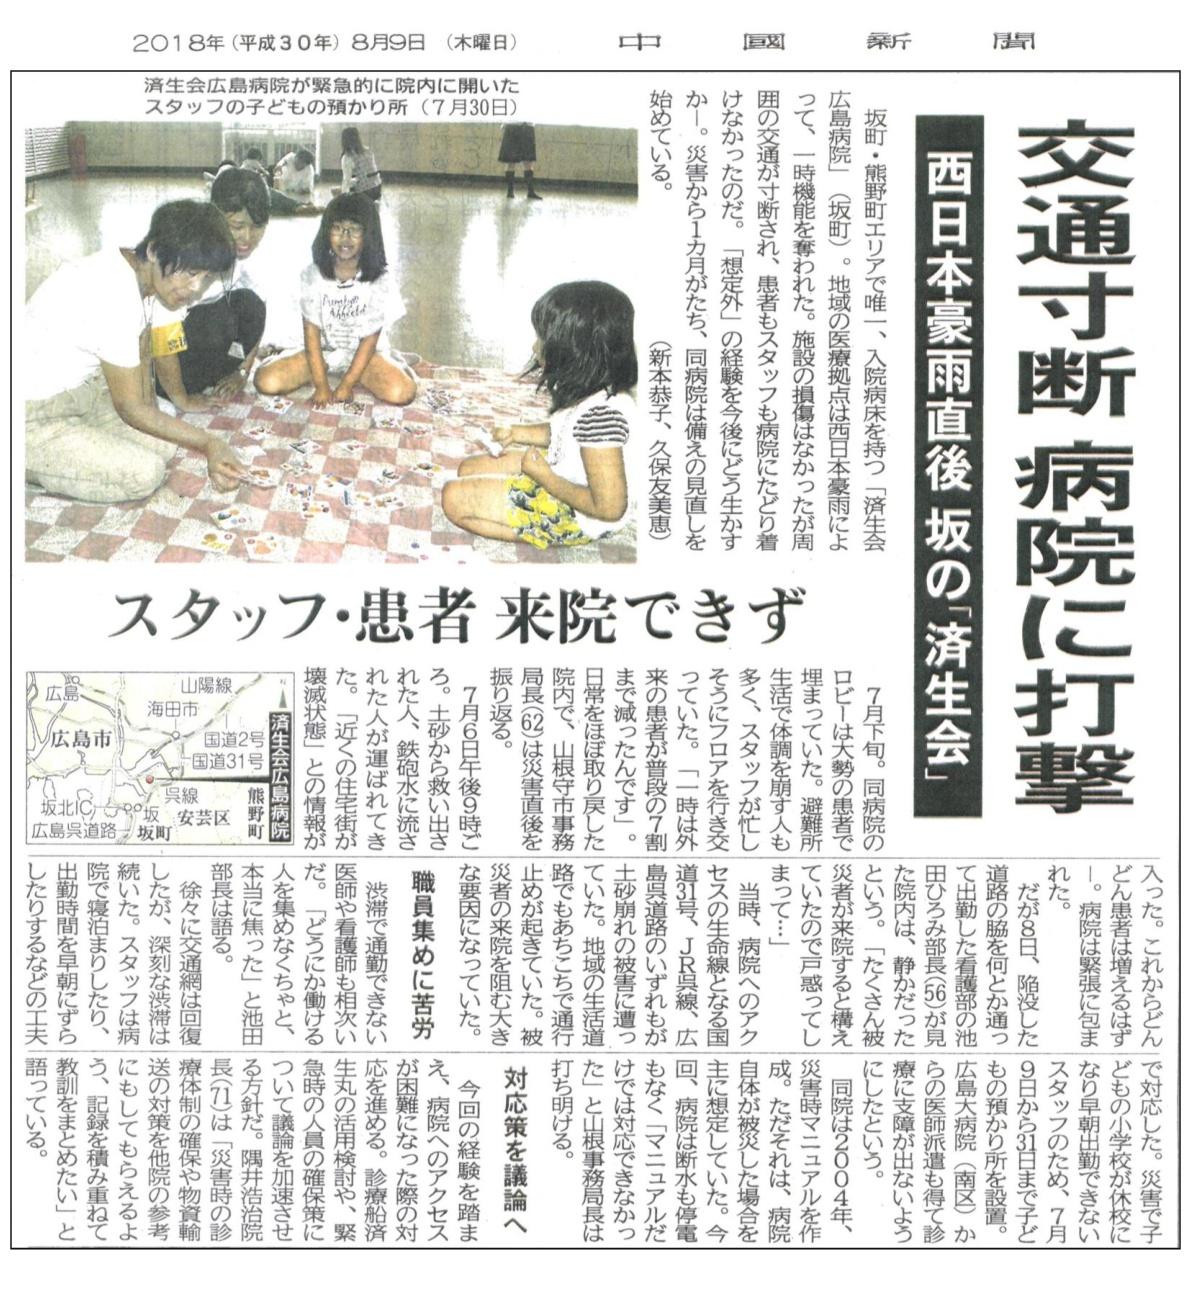 http://www.saiseikai.com/news/images/%E4%B8%AD%E5%9B%BD%E6%96%B0%E8%81%9E2018.8.9.jpg